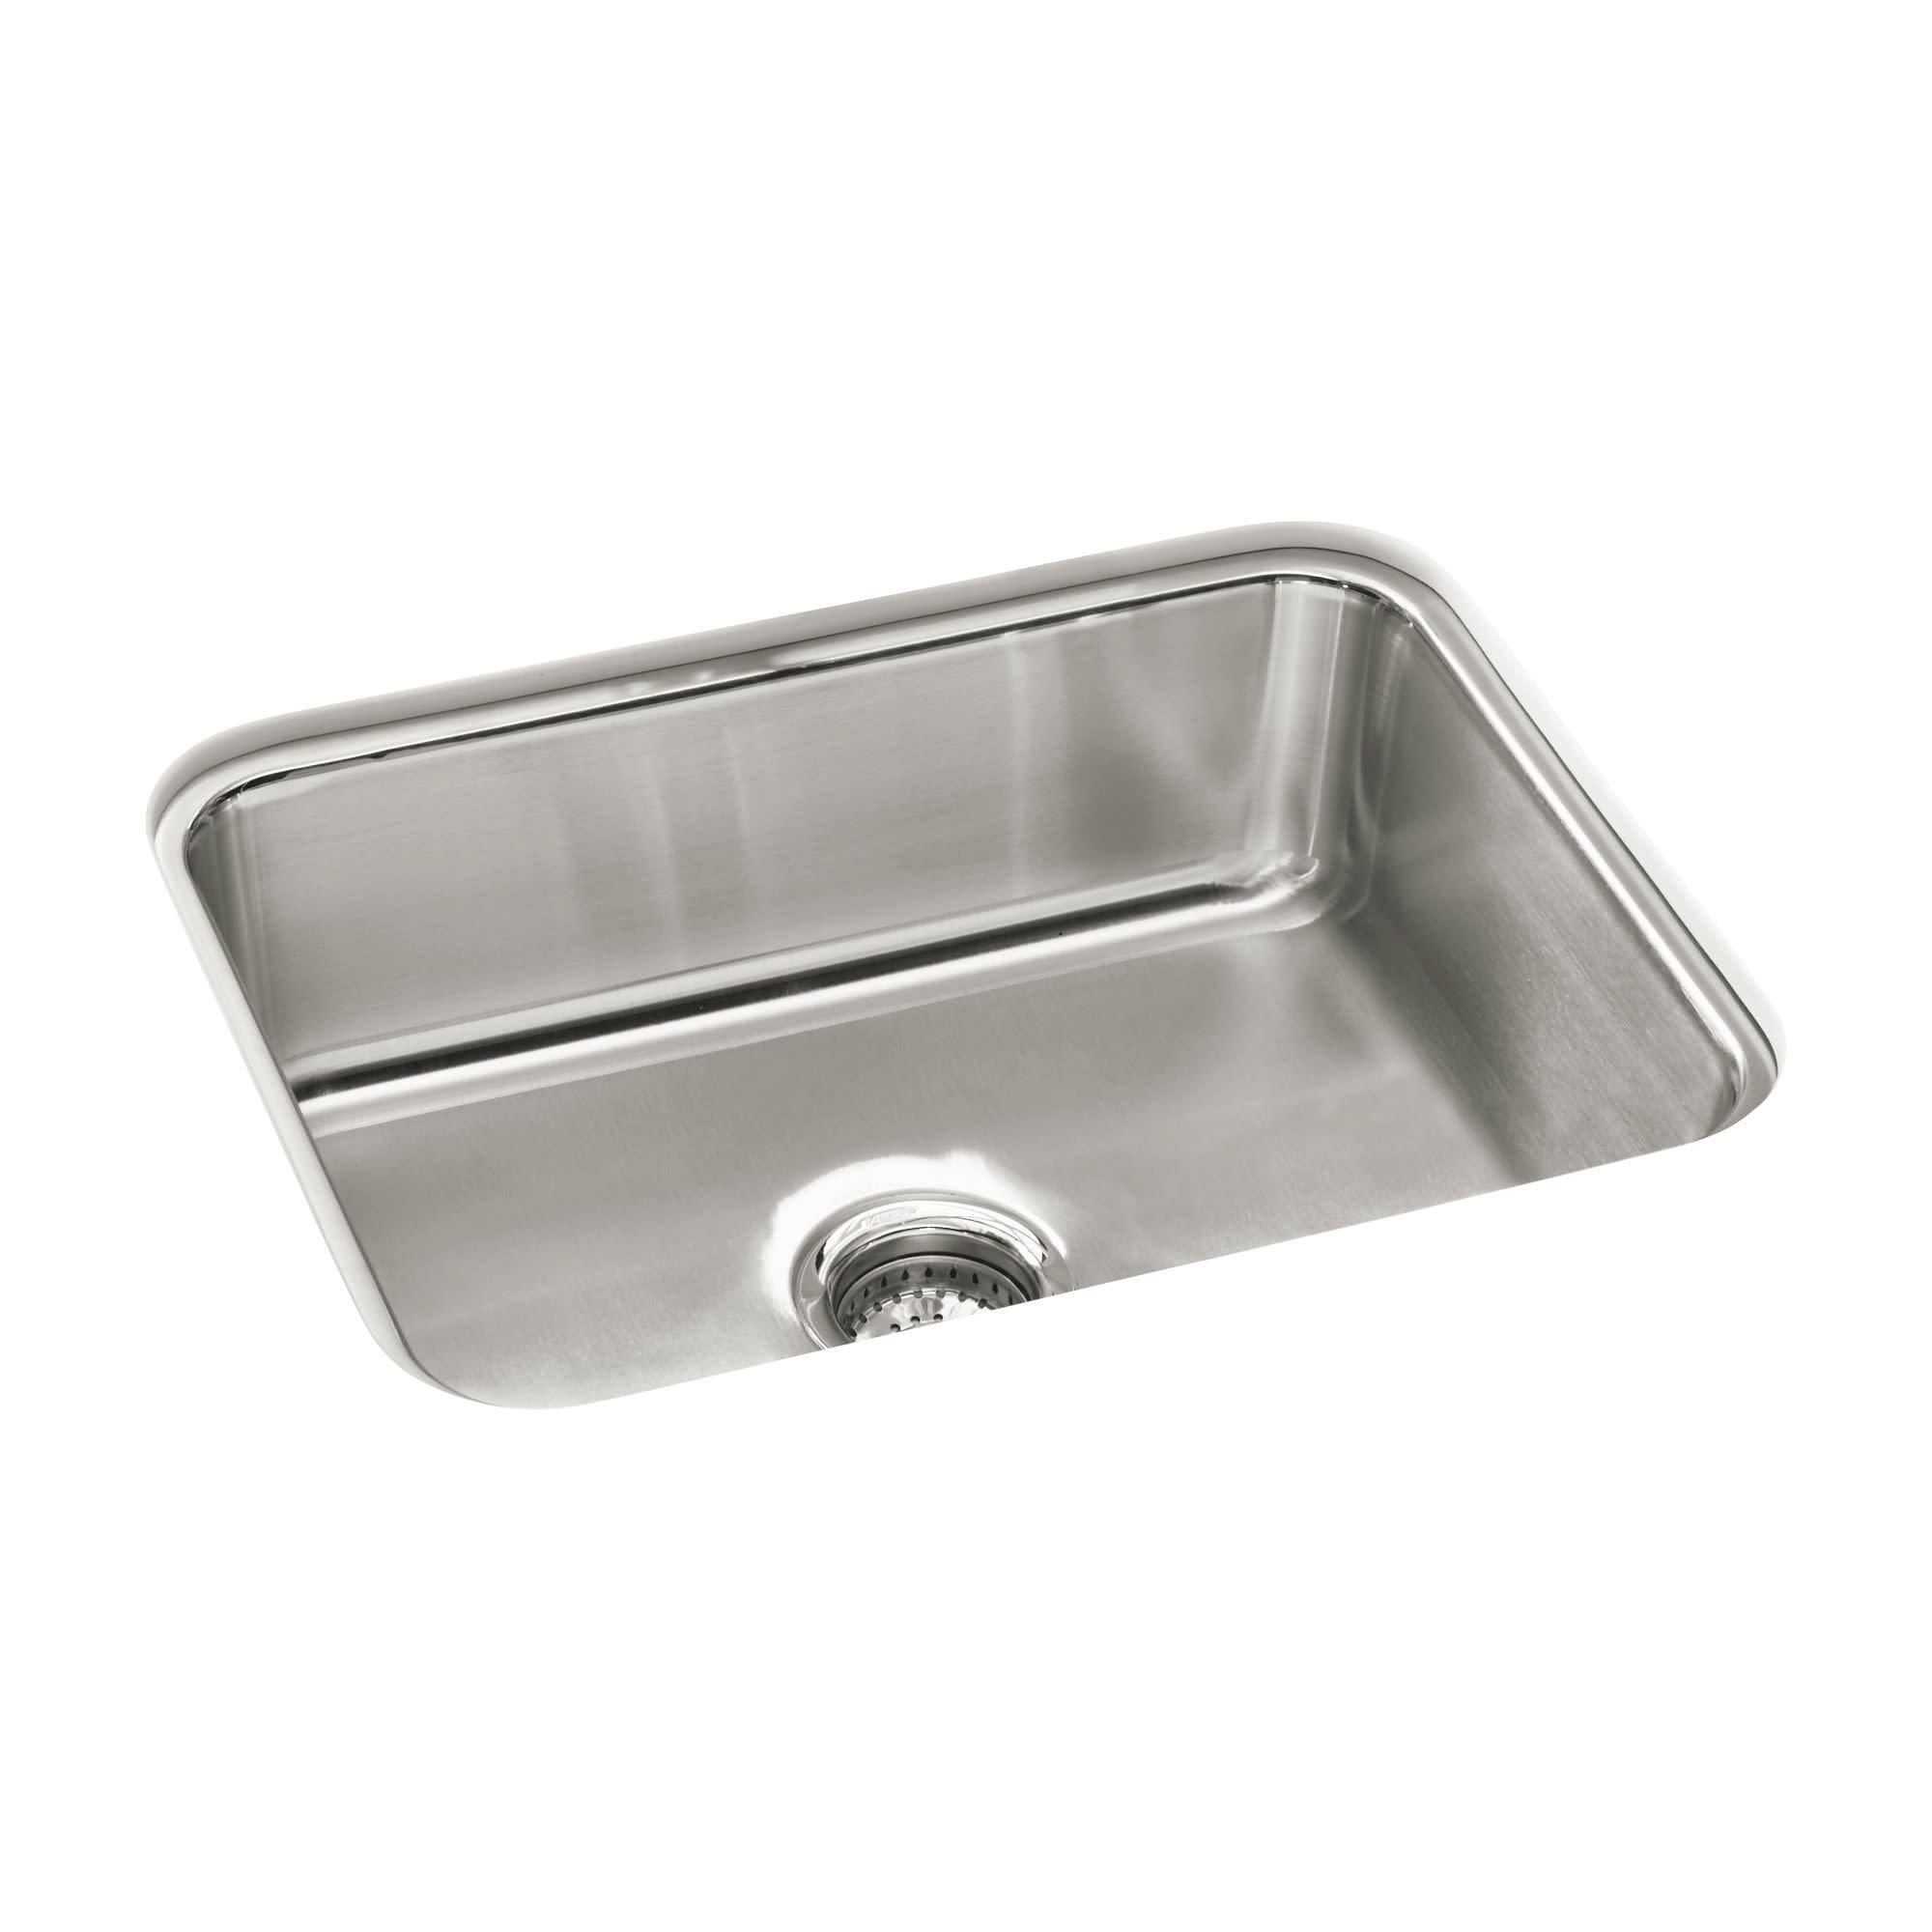 Details about Sterling 11447-NA McAllister 24  Undermount Stainless Steel Kitchen Sink  sc 1 st  eBay & Details about Sterling 11447-NA McAllister 24